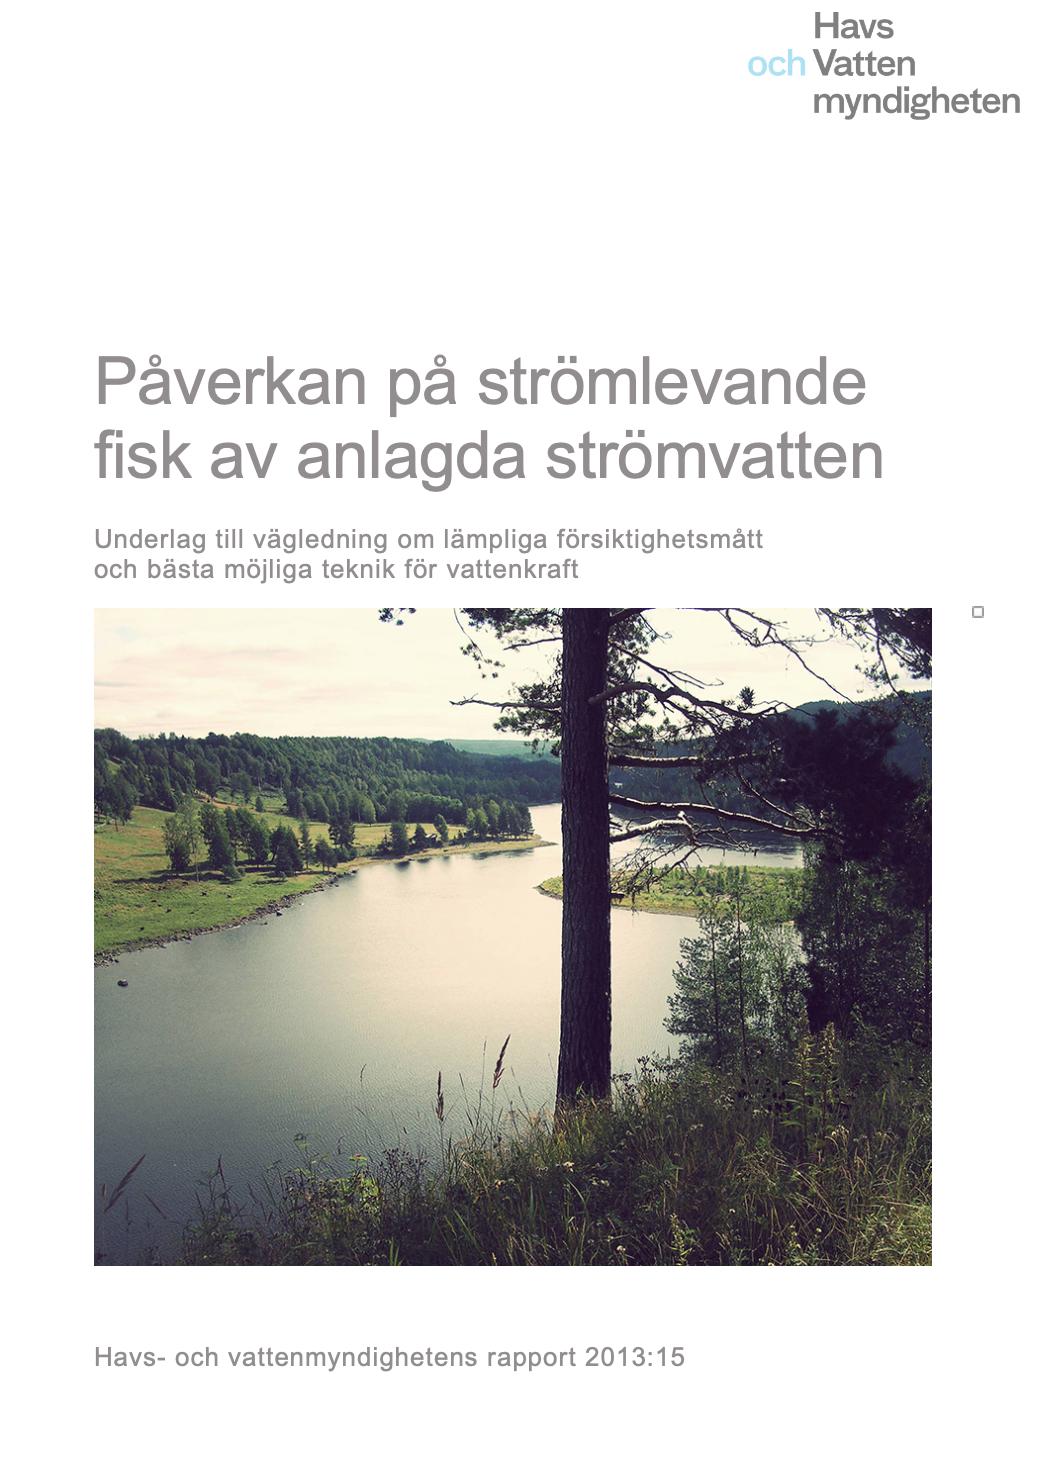 Rapport, Havs- och vattenmyndigheten